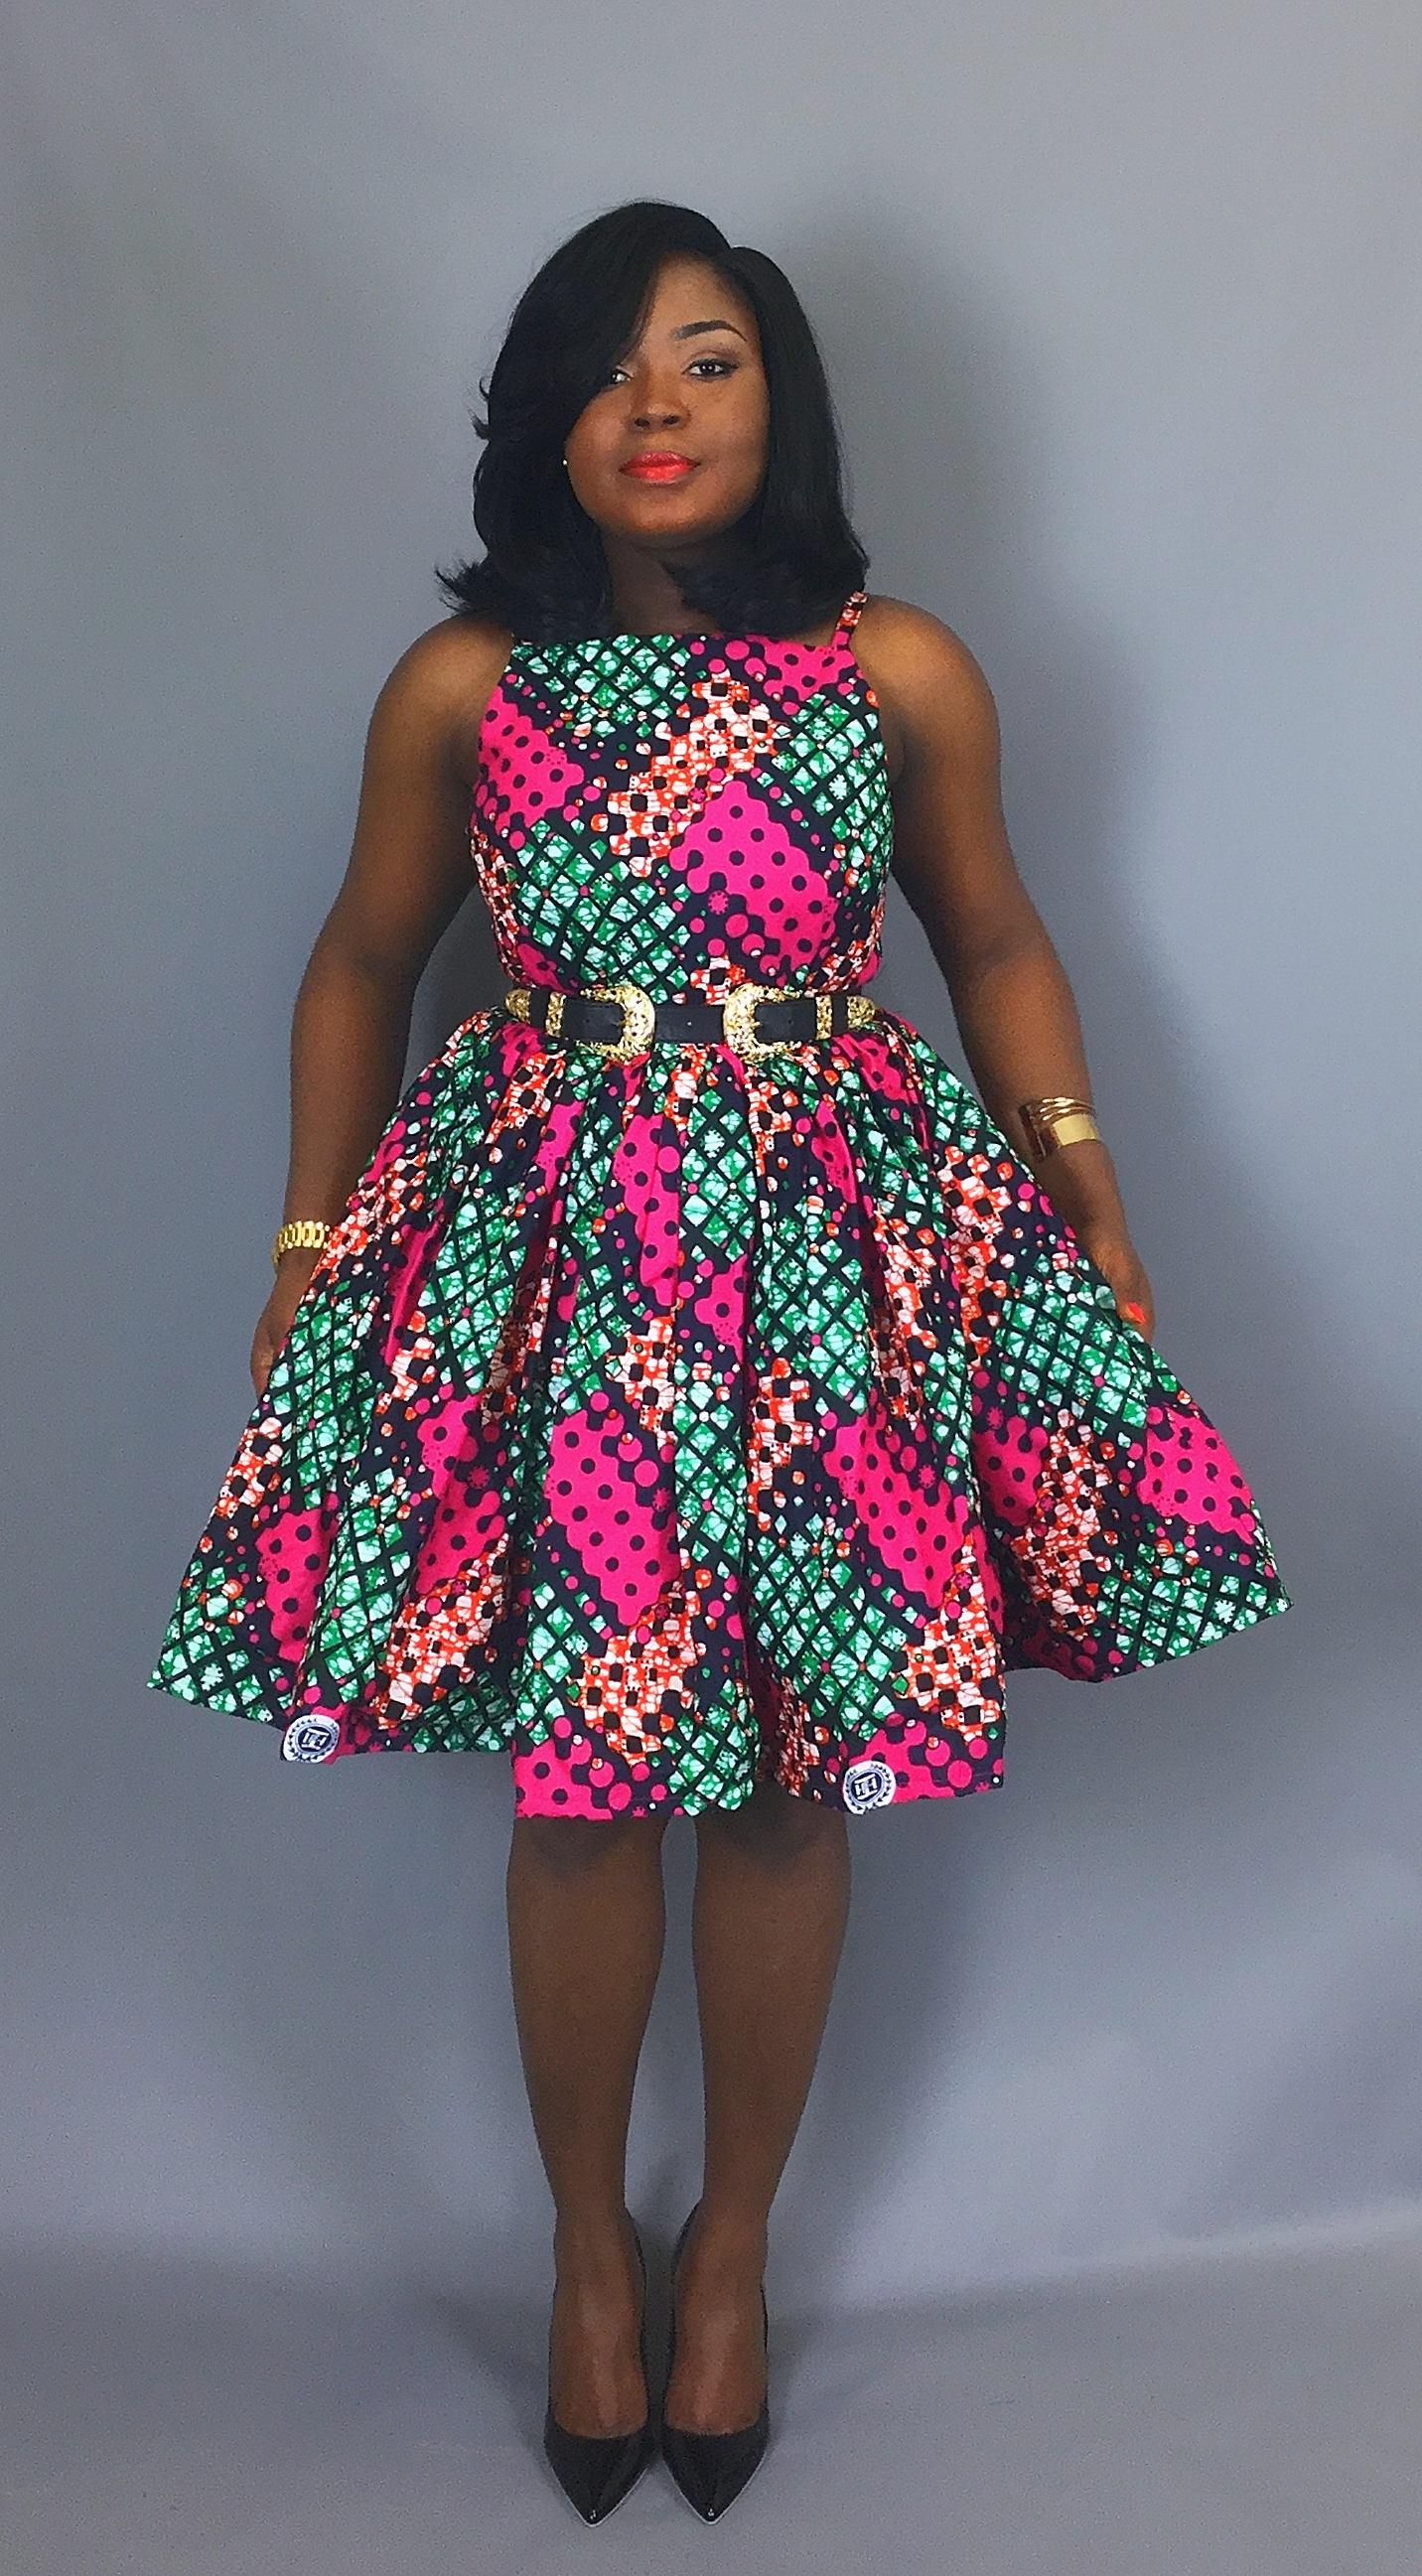 African print cocktail dressAfrican wax print dressesAnkara dressesAnkara fabricAfrican knee length dressAfrican dashiki dressrobewax